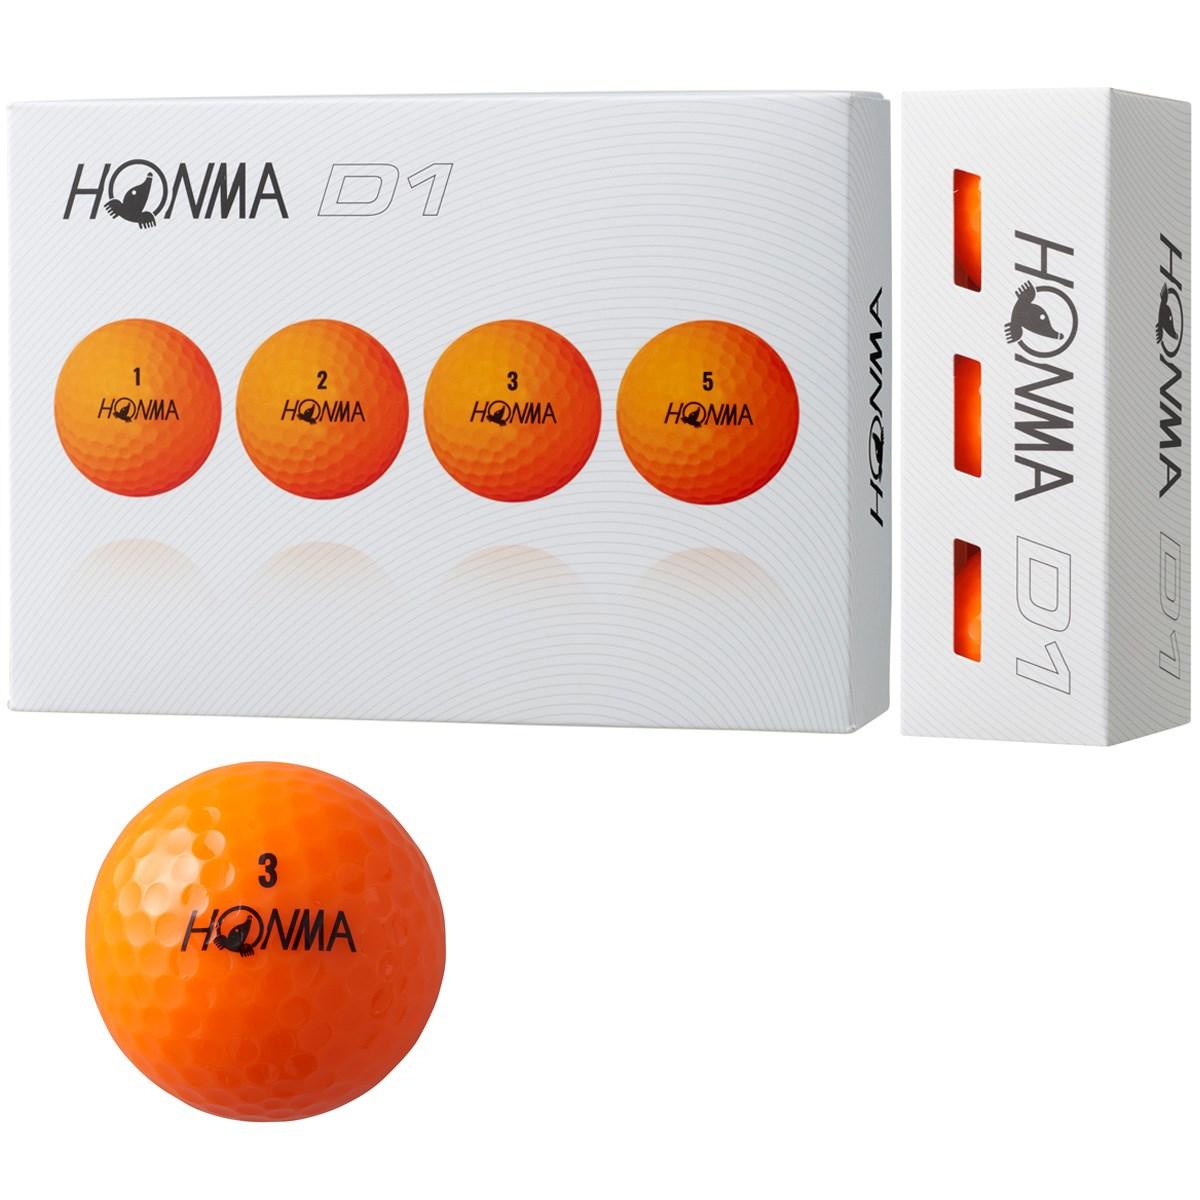 本間ゴルフ HONMA D1 ボール 2018年モデル 5ダースセット 5ダース(60個入り) オレンジ